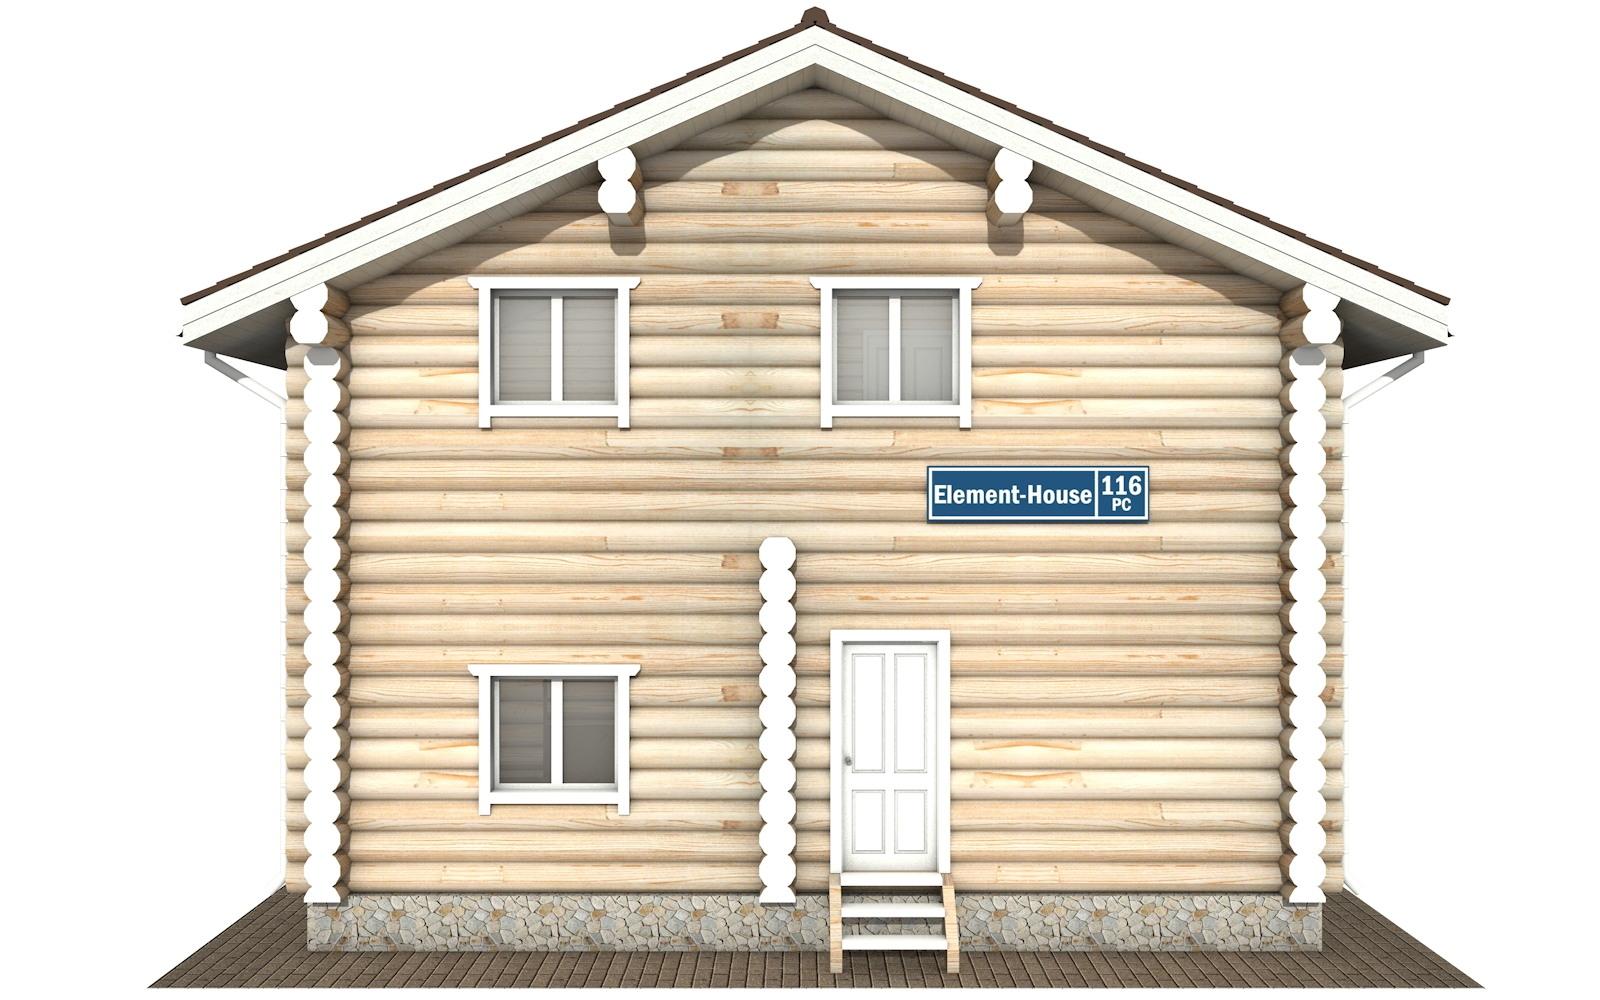 Фото #6: Красивый деревянный дом РС-116 из бревна